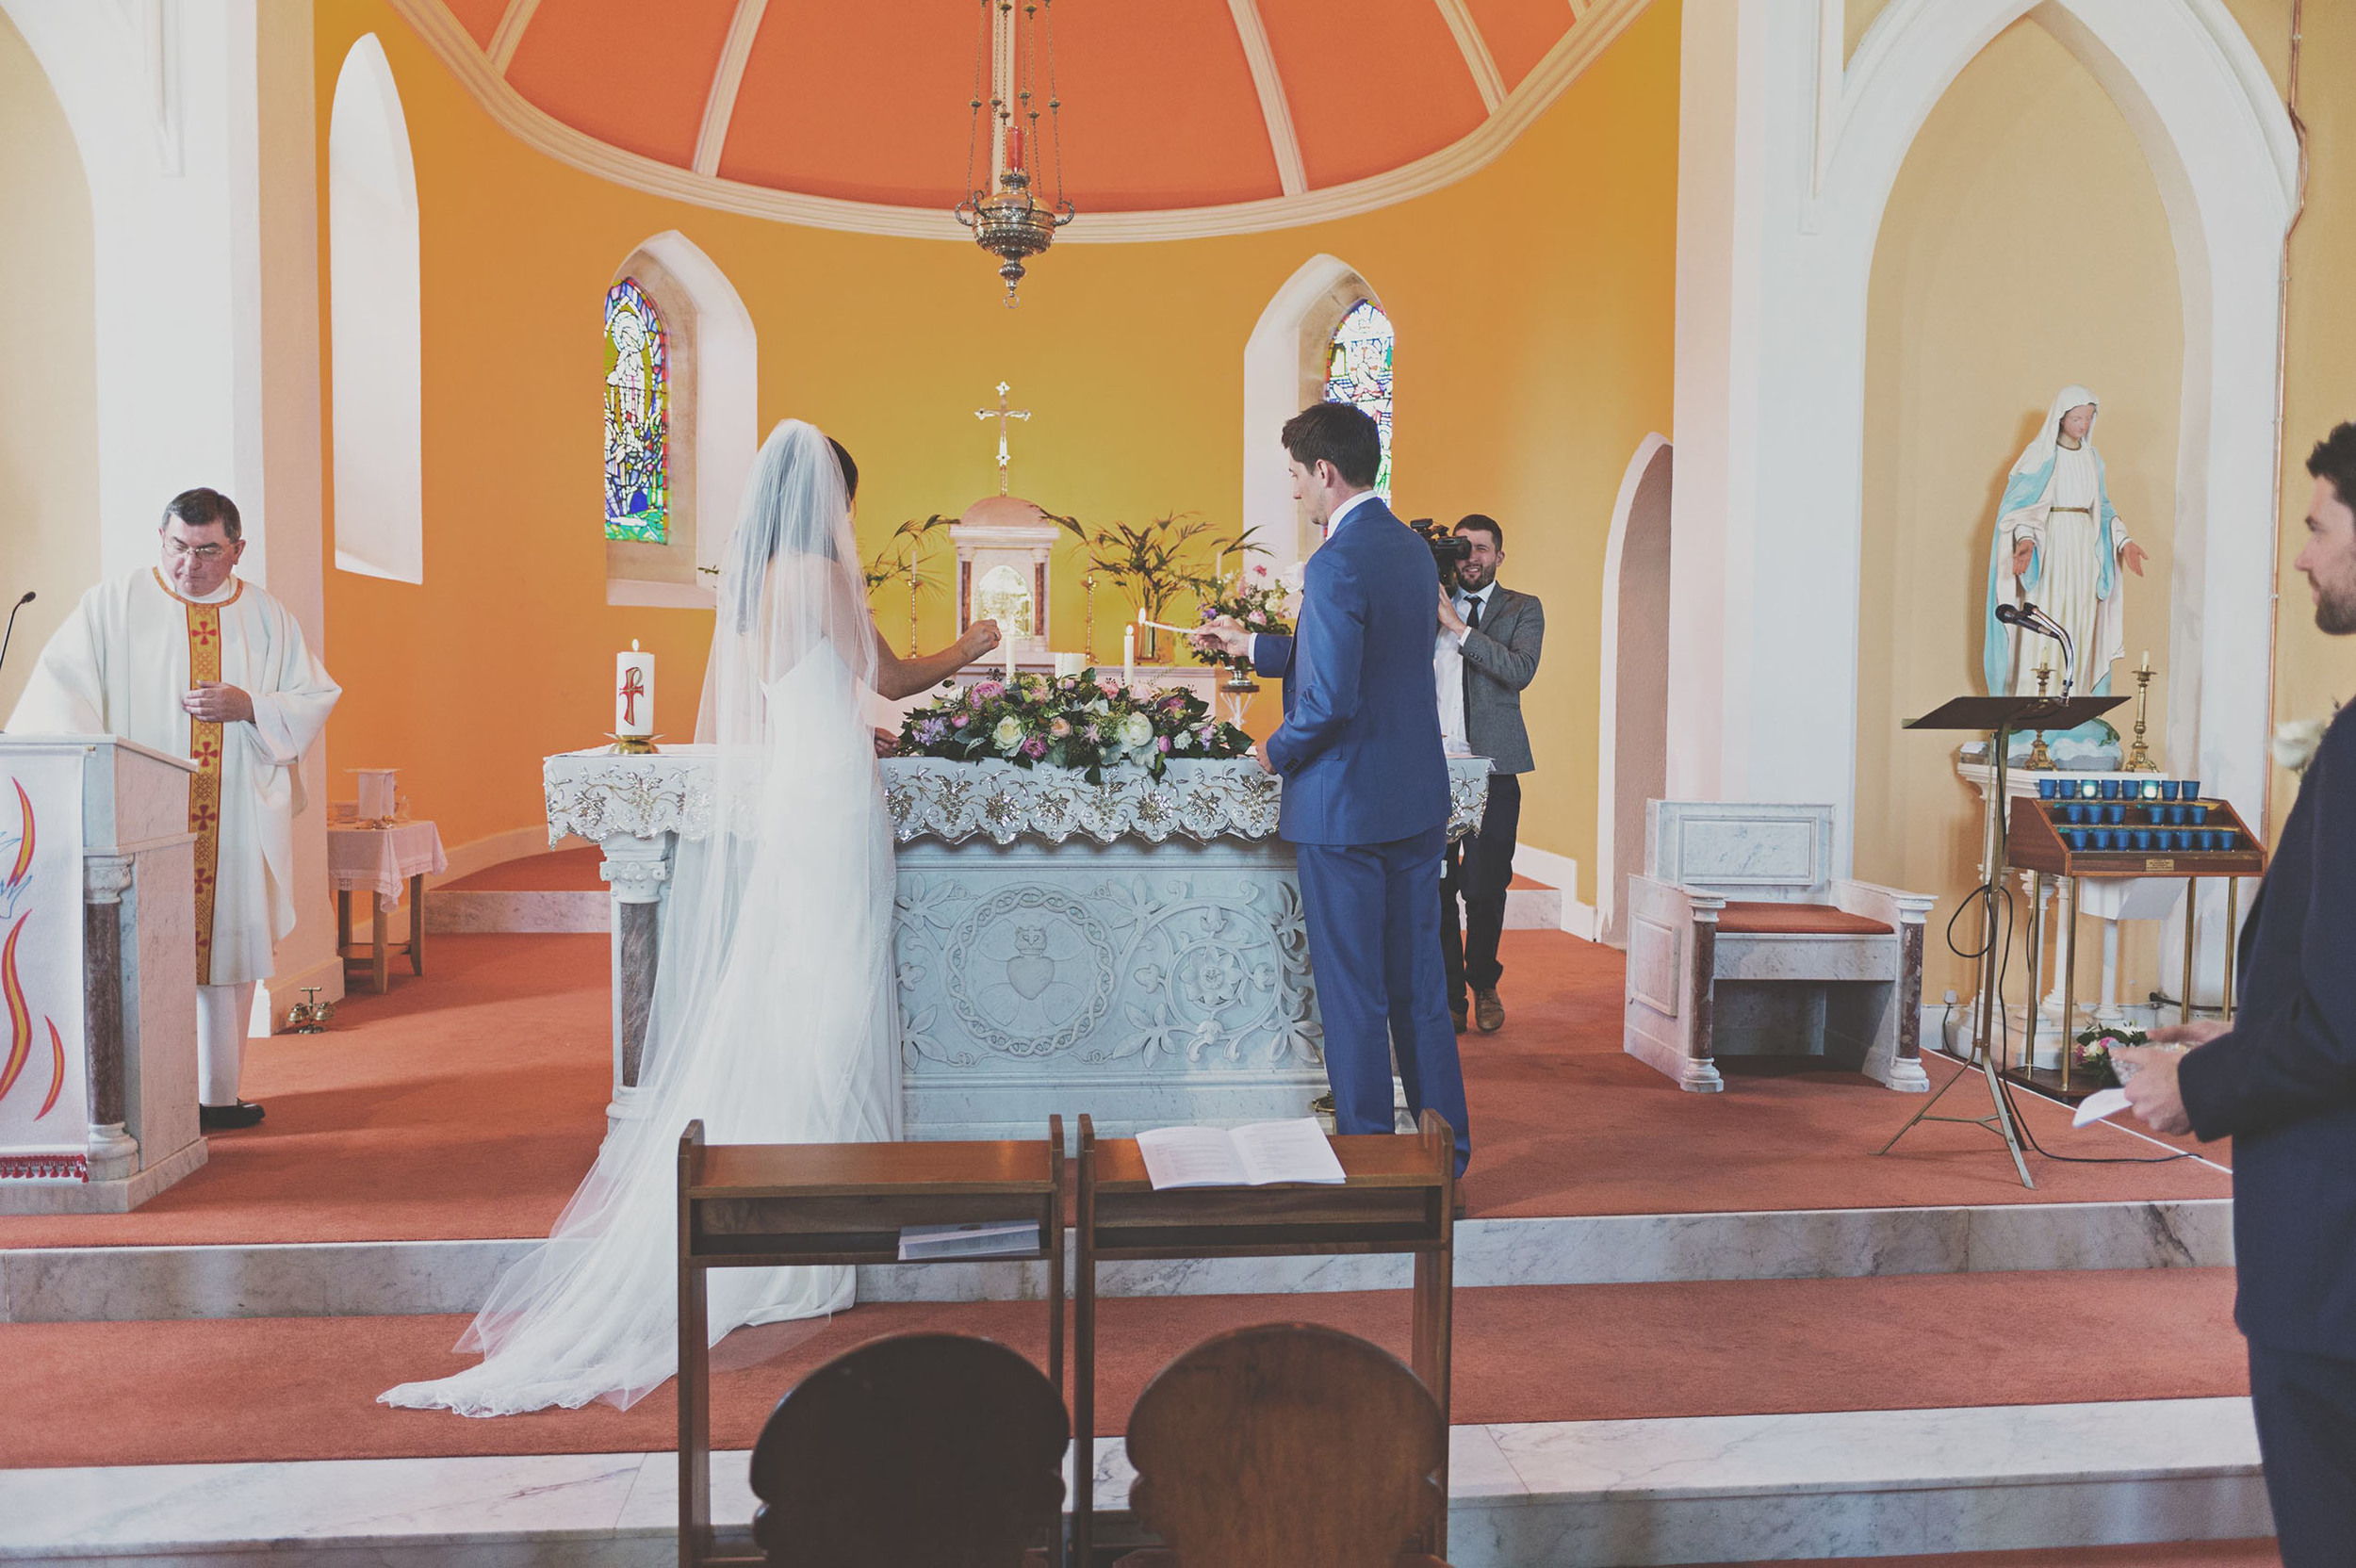 Julie & Matt's Seafield Wedding by Studio33weddings 047.jpg